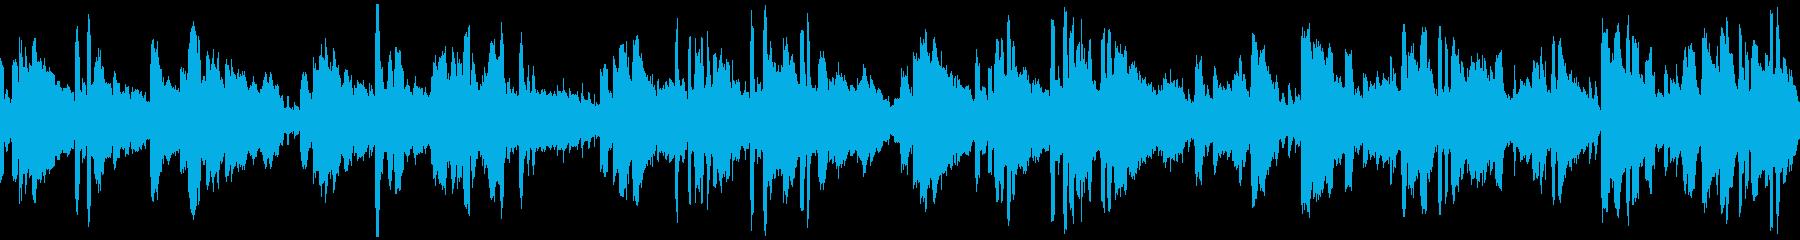 素朴な癒しケルト風BGMの再生済みの波形